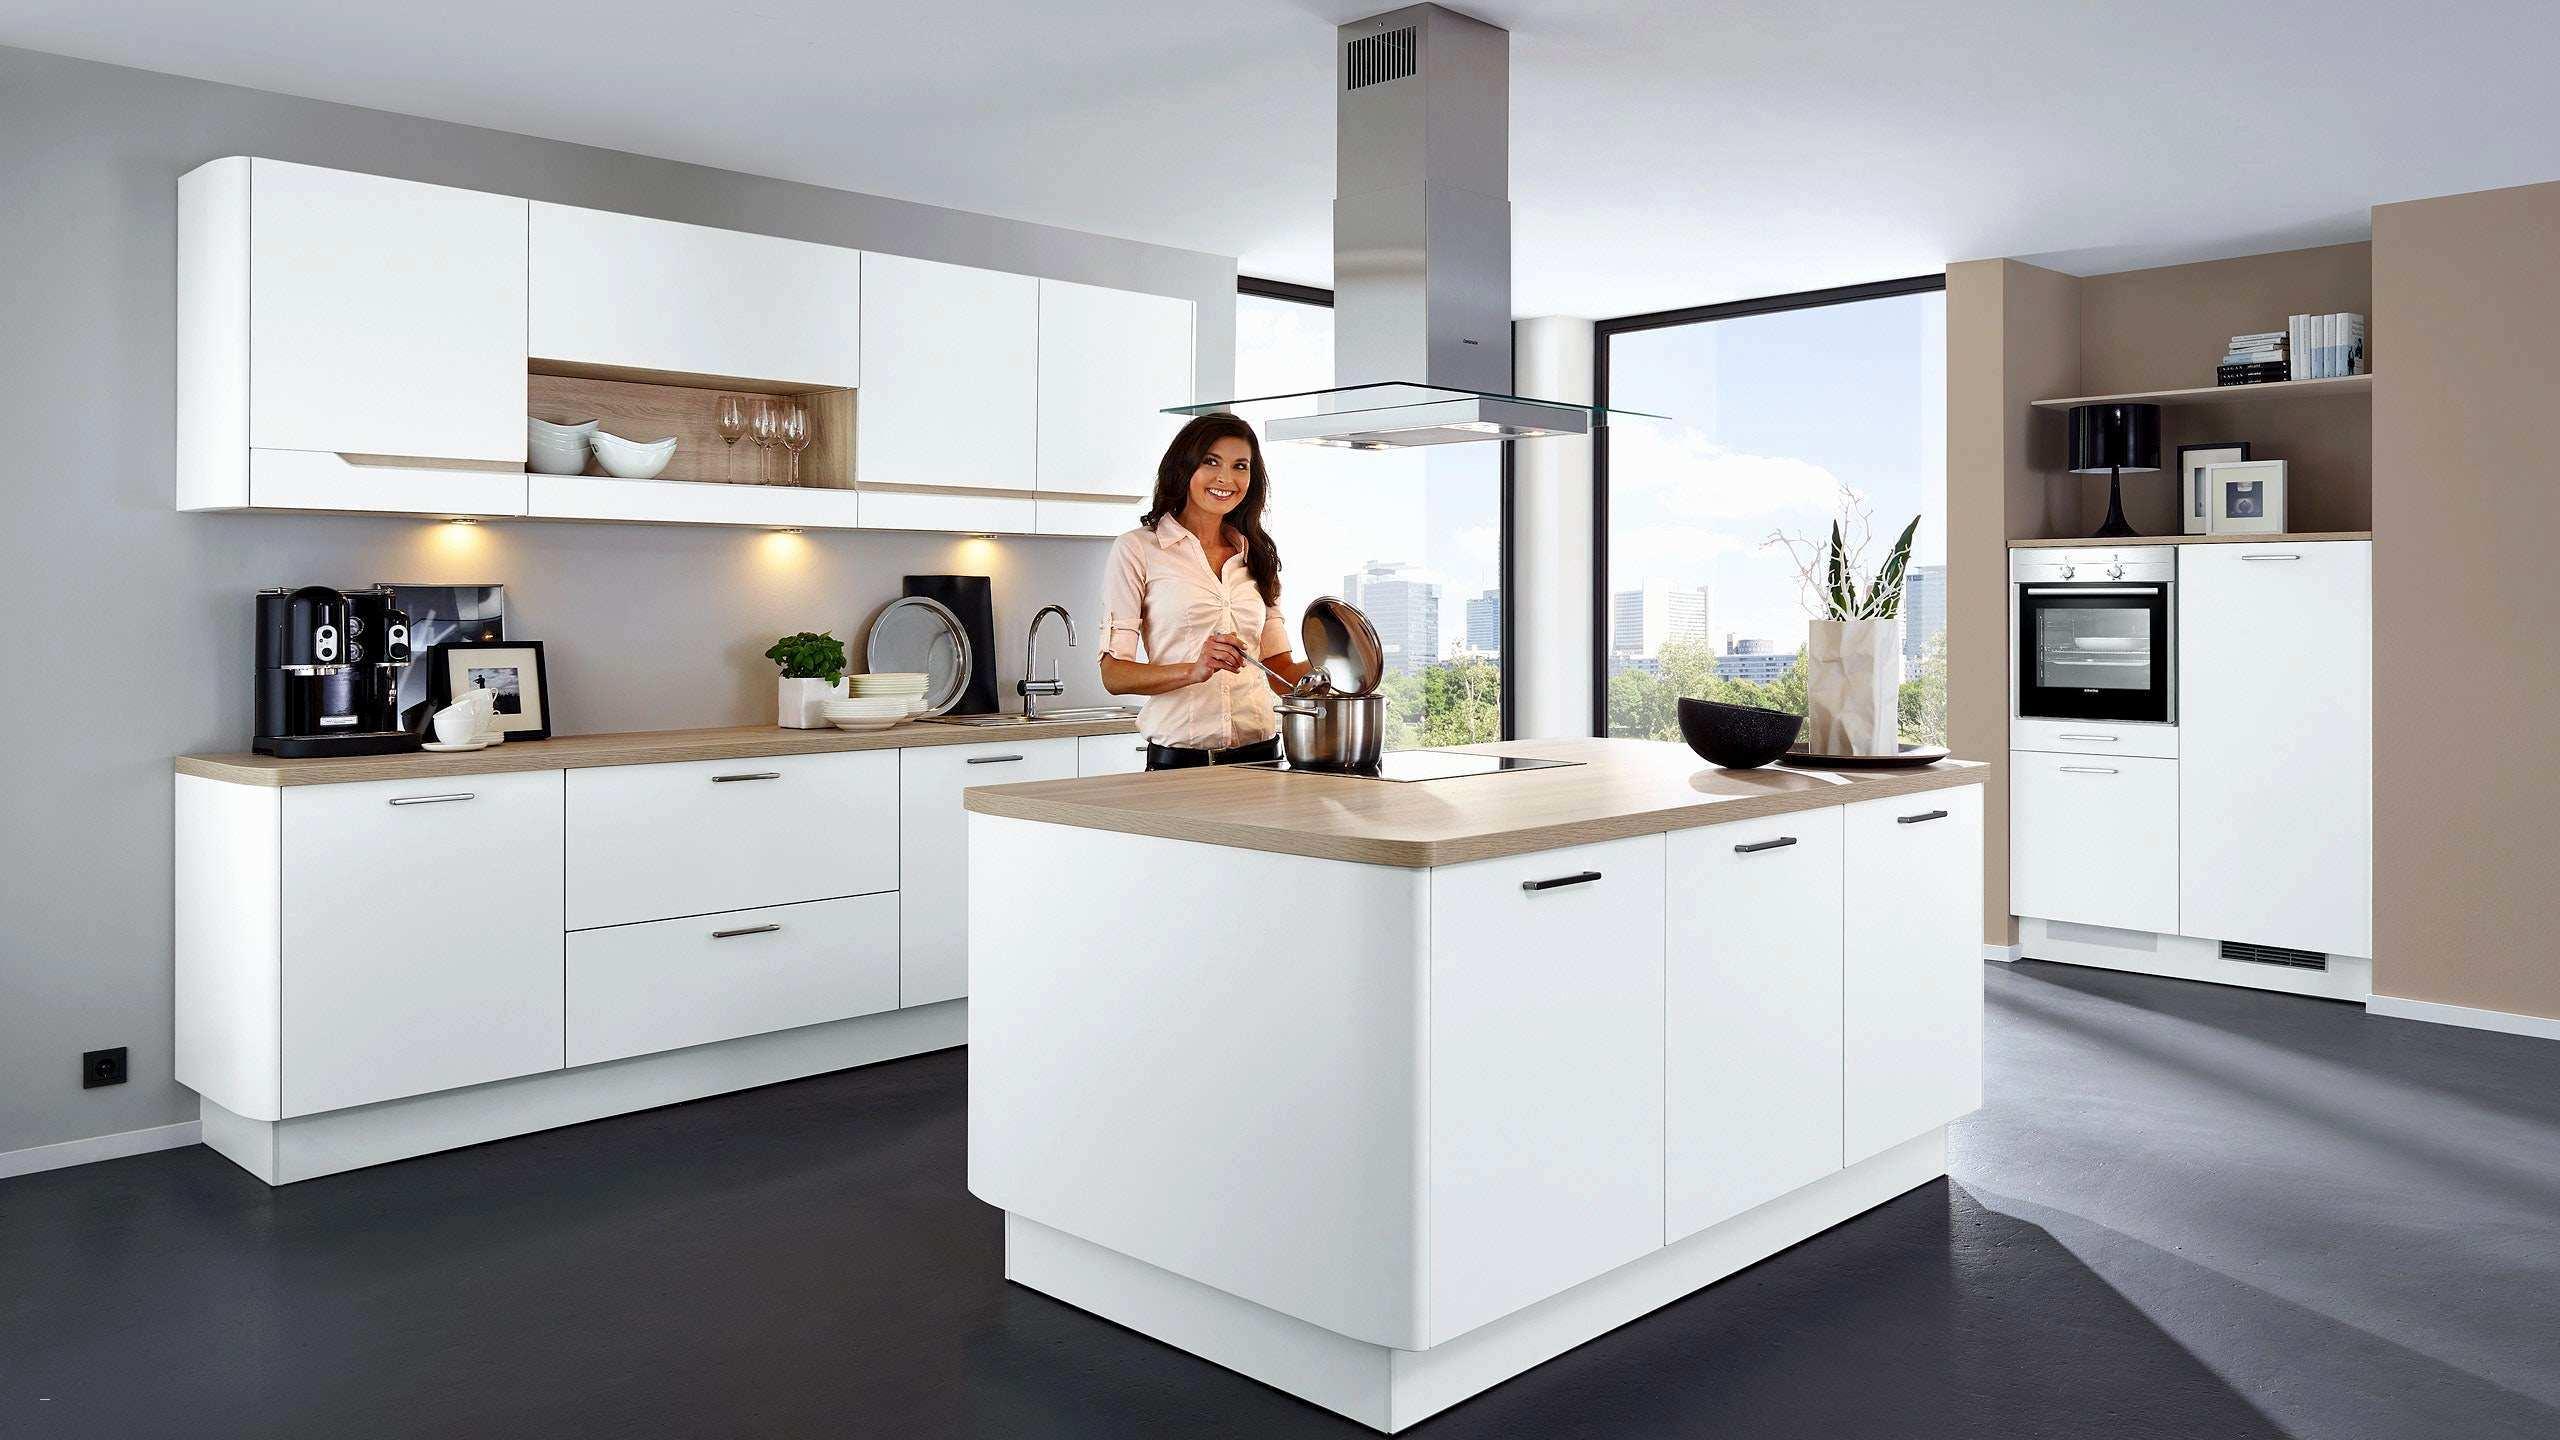 Full Size of Glasbilder Küche Rot Glasbilder Küche Otto Glasbild Uhr Küche Glasbild Küche 80 X 40 Küche Glasbilder Küche